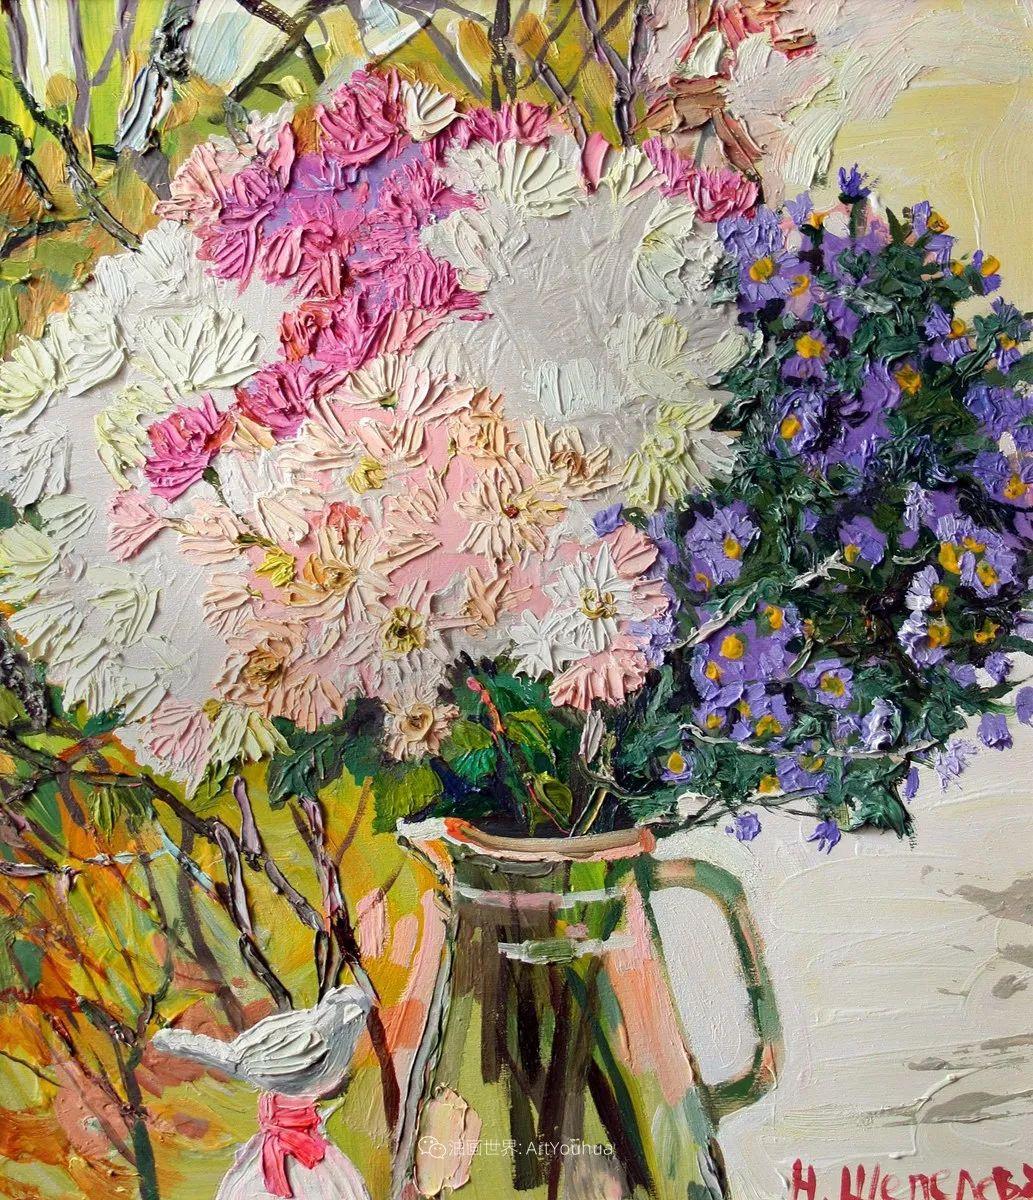 大笔触风景与花卉,色彩靓丽,美轮美奂!插图90